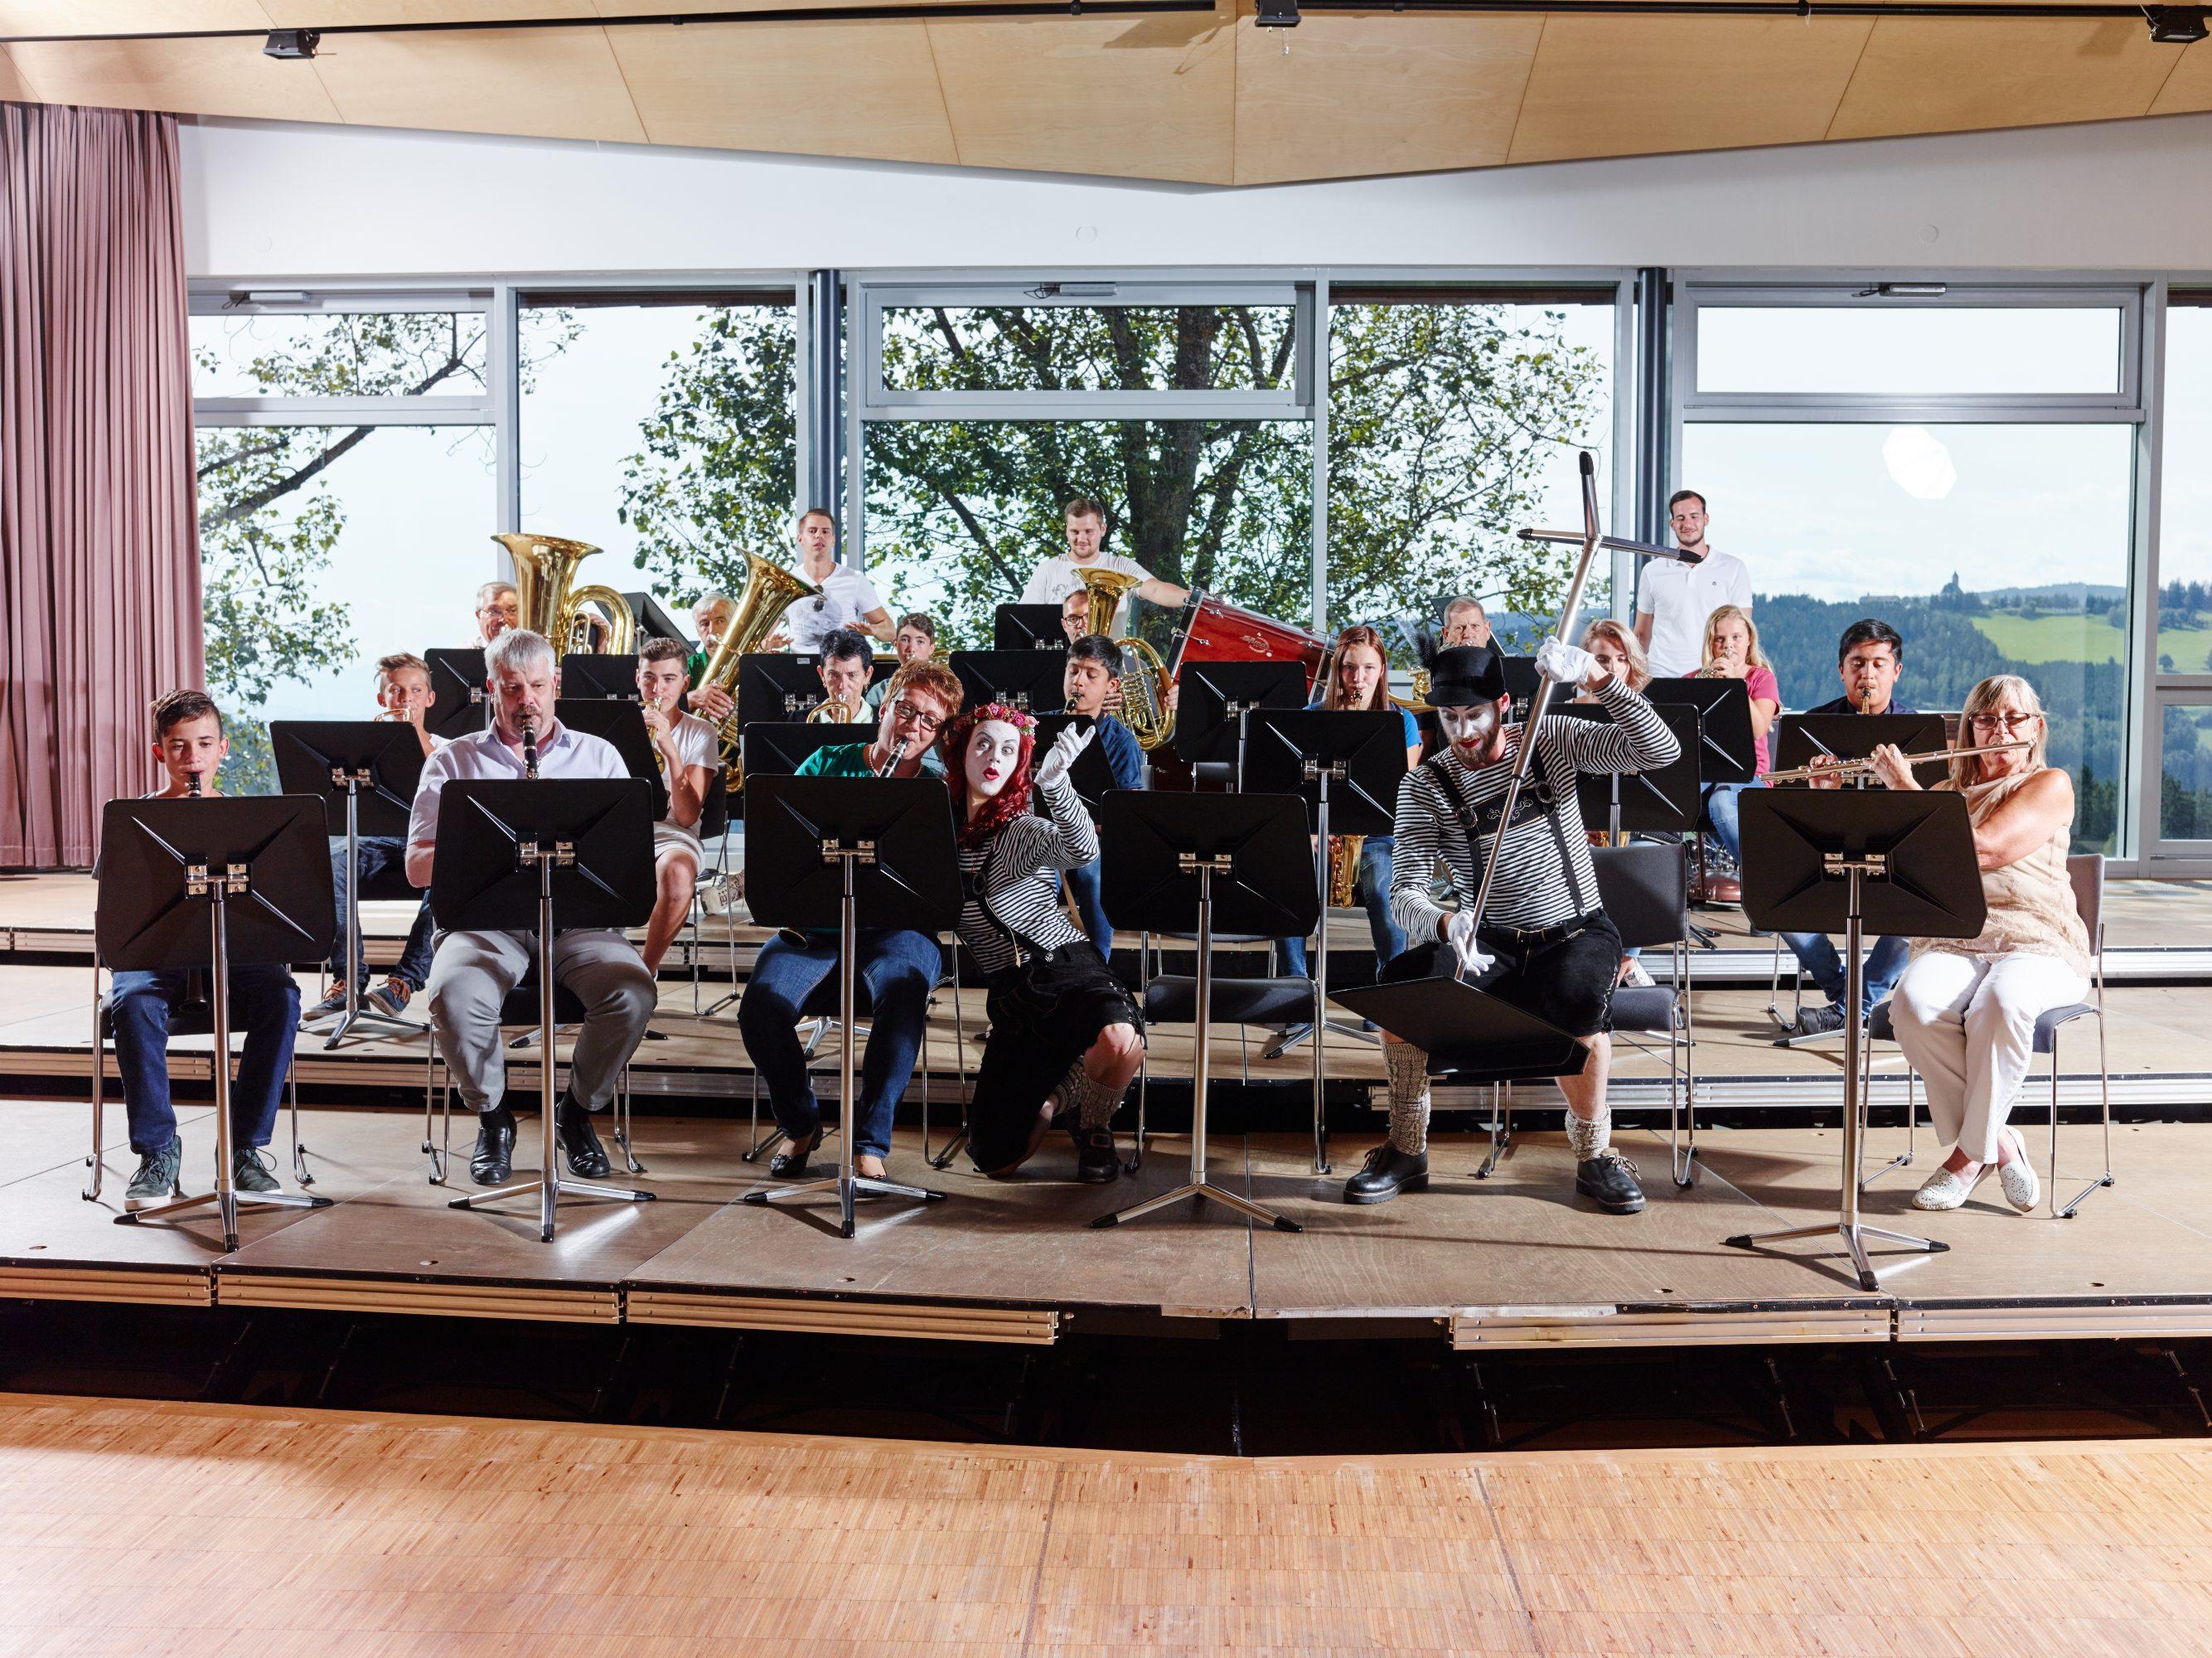 Sie sehen ein Konzert in der Musikakademie Knappenberg mit Pantomimen. JUFA Hotels bietet den idealen Platz zum Musizieren und Singen in der Gemeinschaft in abwechslungsreichen Regionen.